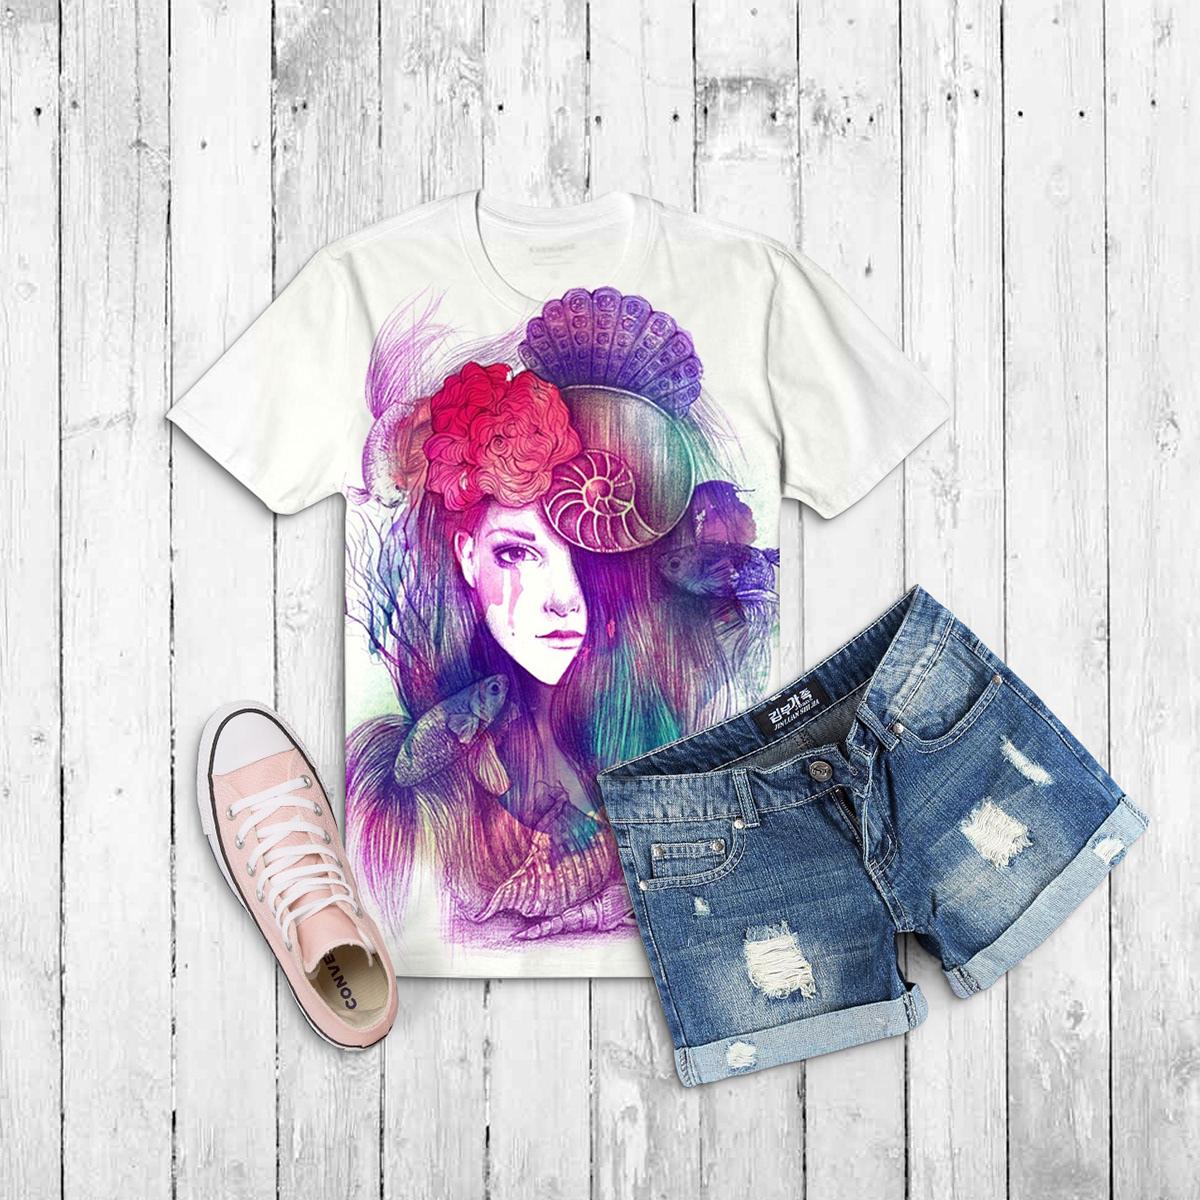 мокап женской футболки. t-shirt hmockup